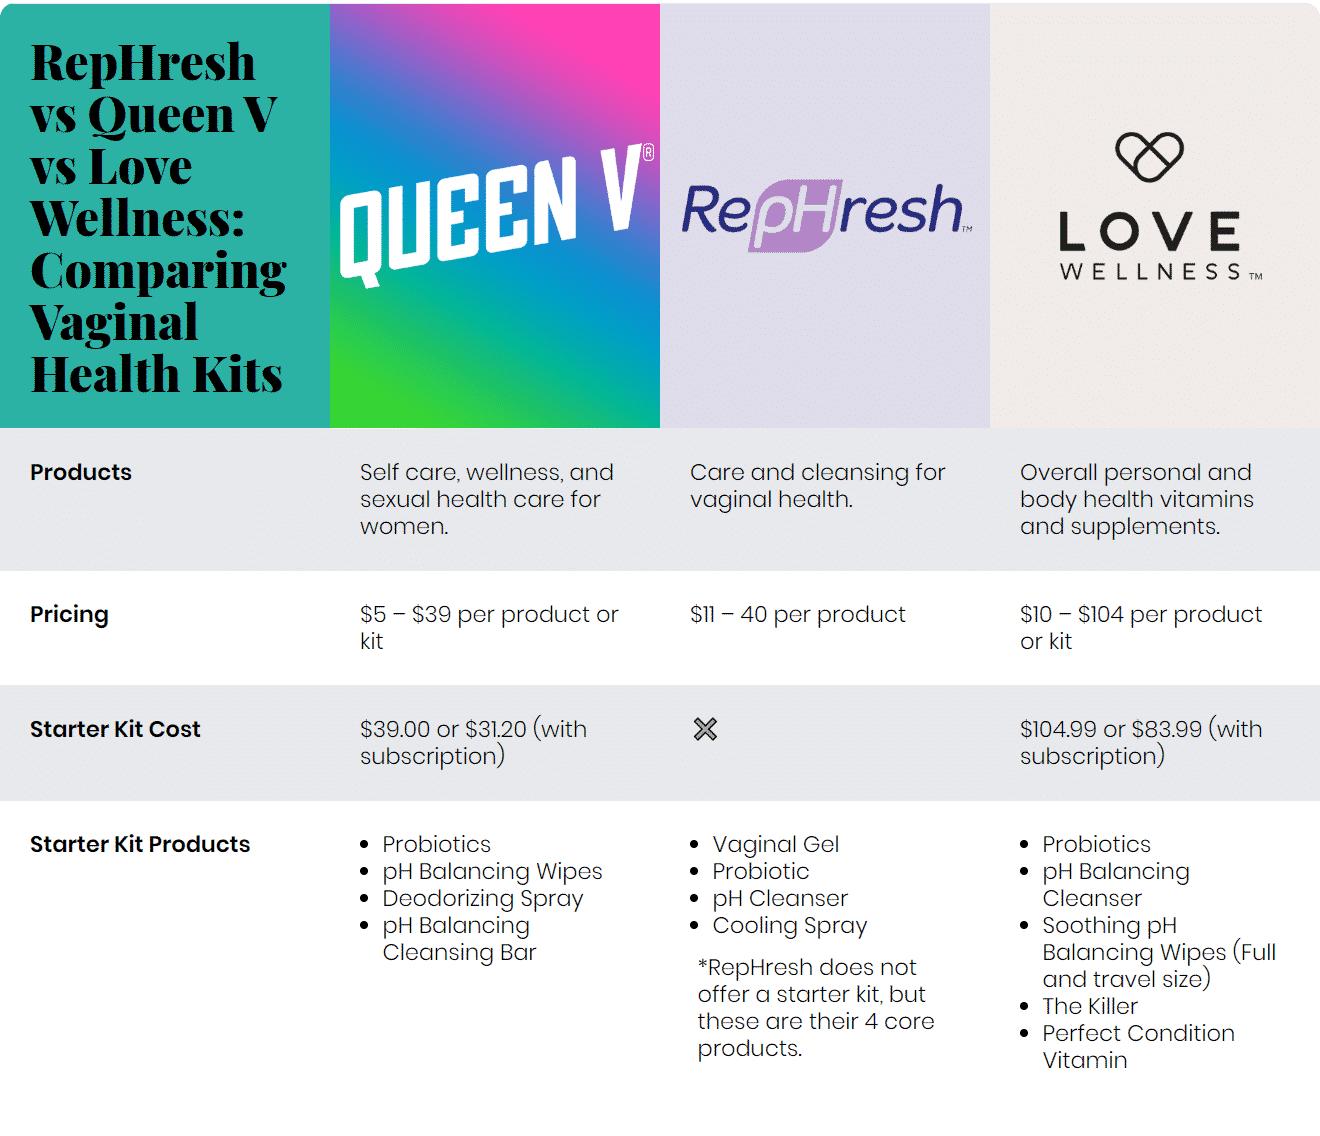 RepHresh vs Queen V vs Love Wellness: Comparing Vaginal Health Kits